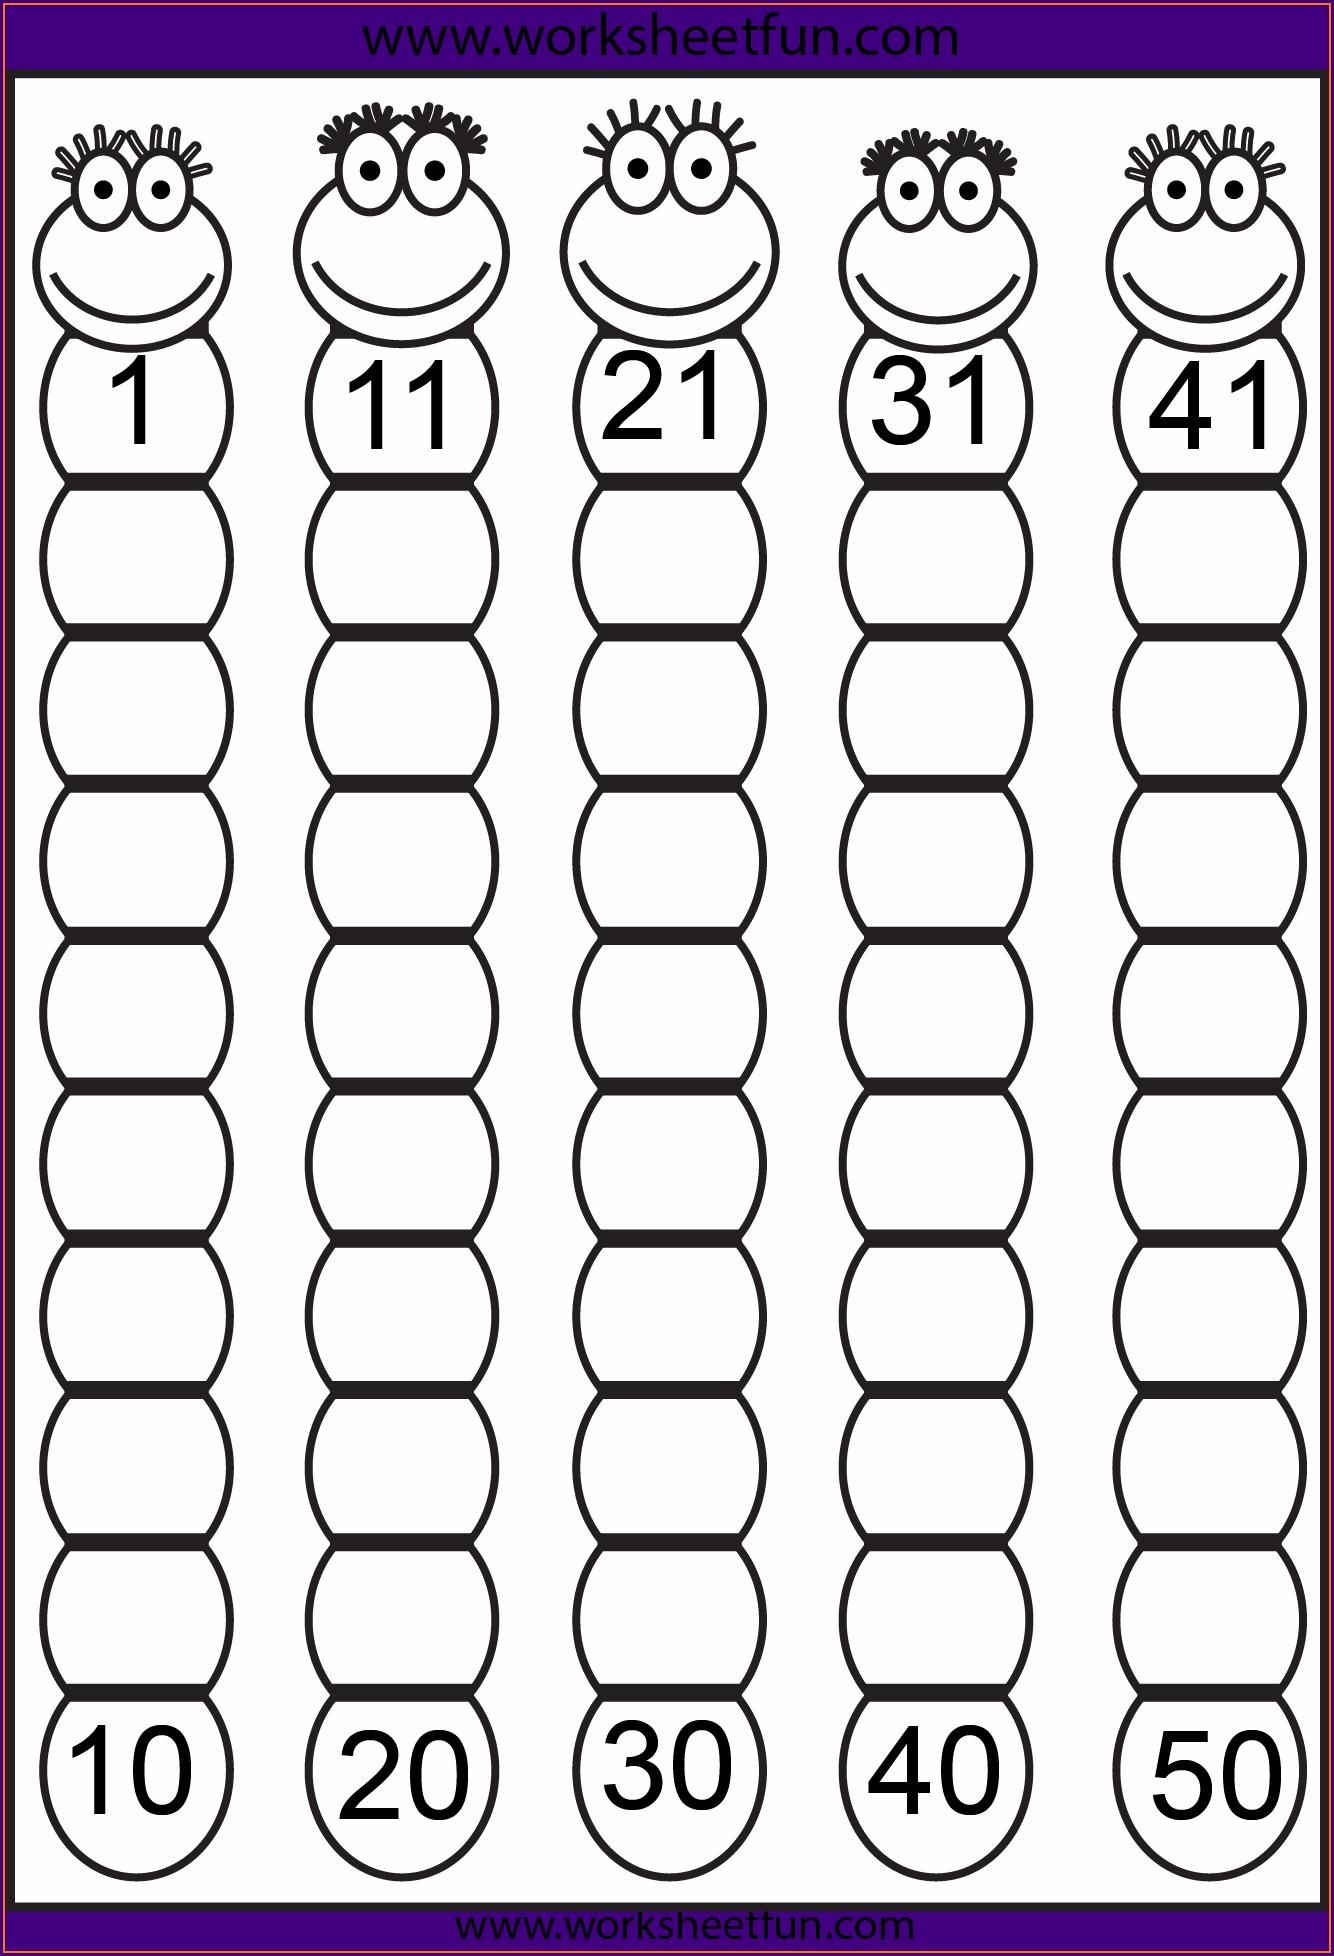 Worksheet Numbers 1 50